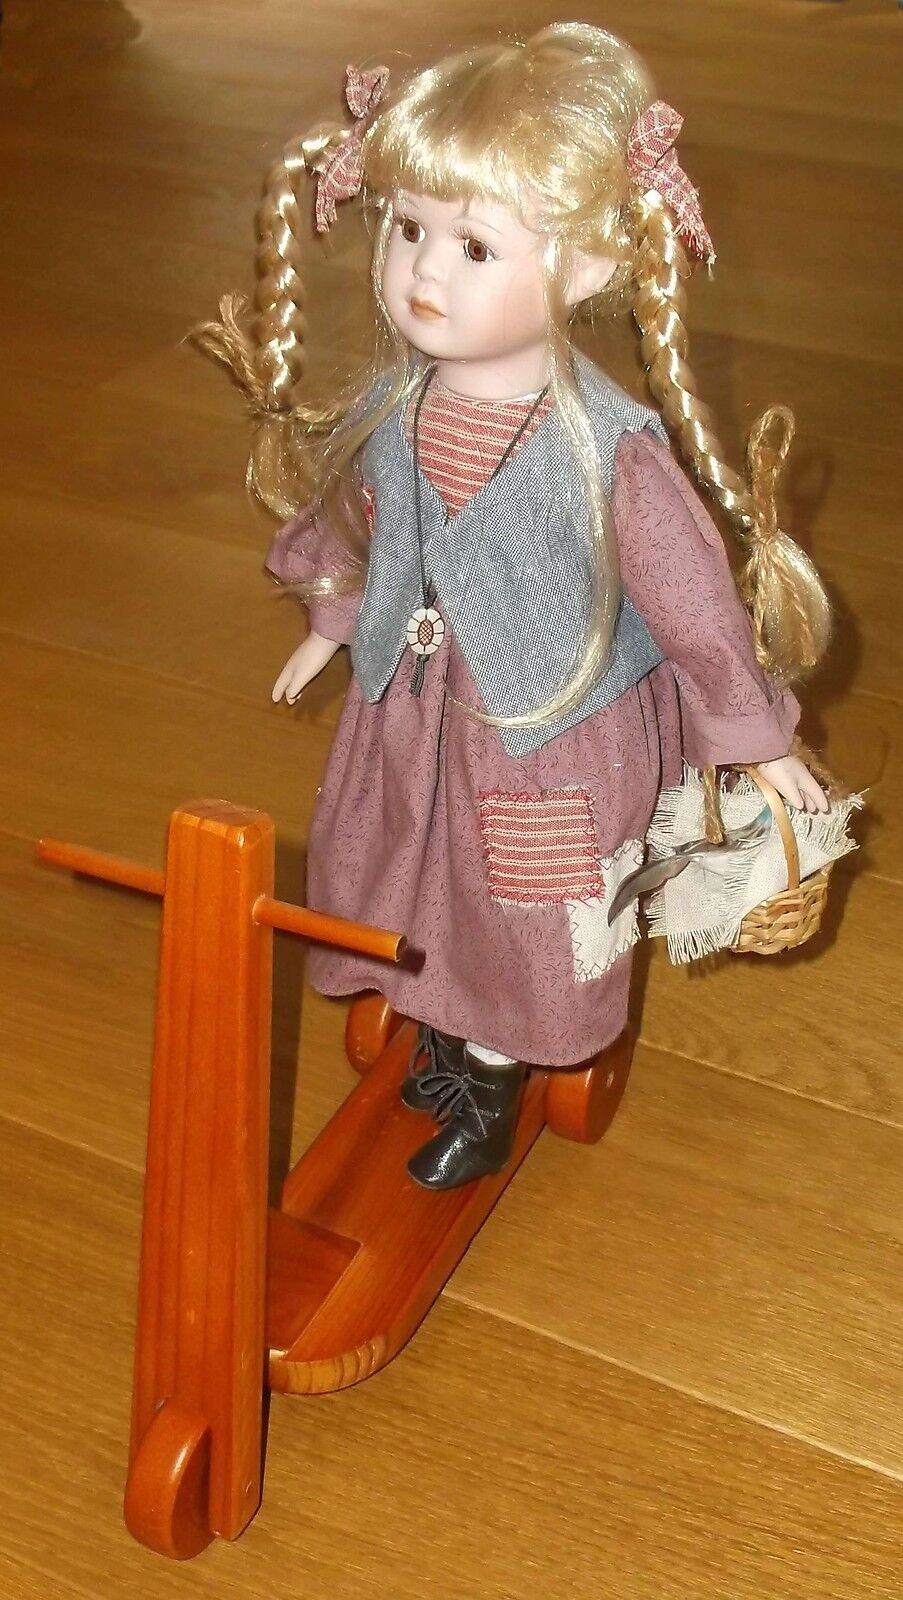 Aus Sammlung  Porzellan Porzellan Porzellan Sammler Puppe auf Holzroller-unbespielt- 0b9db0